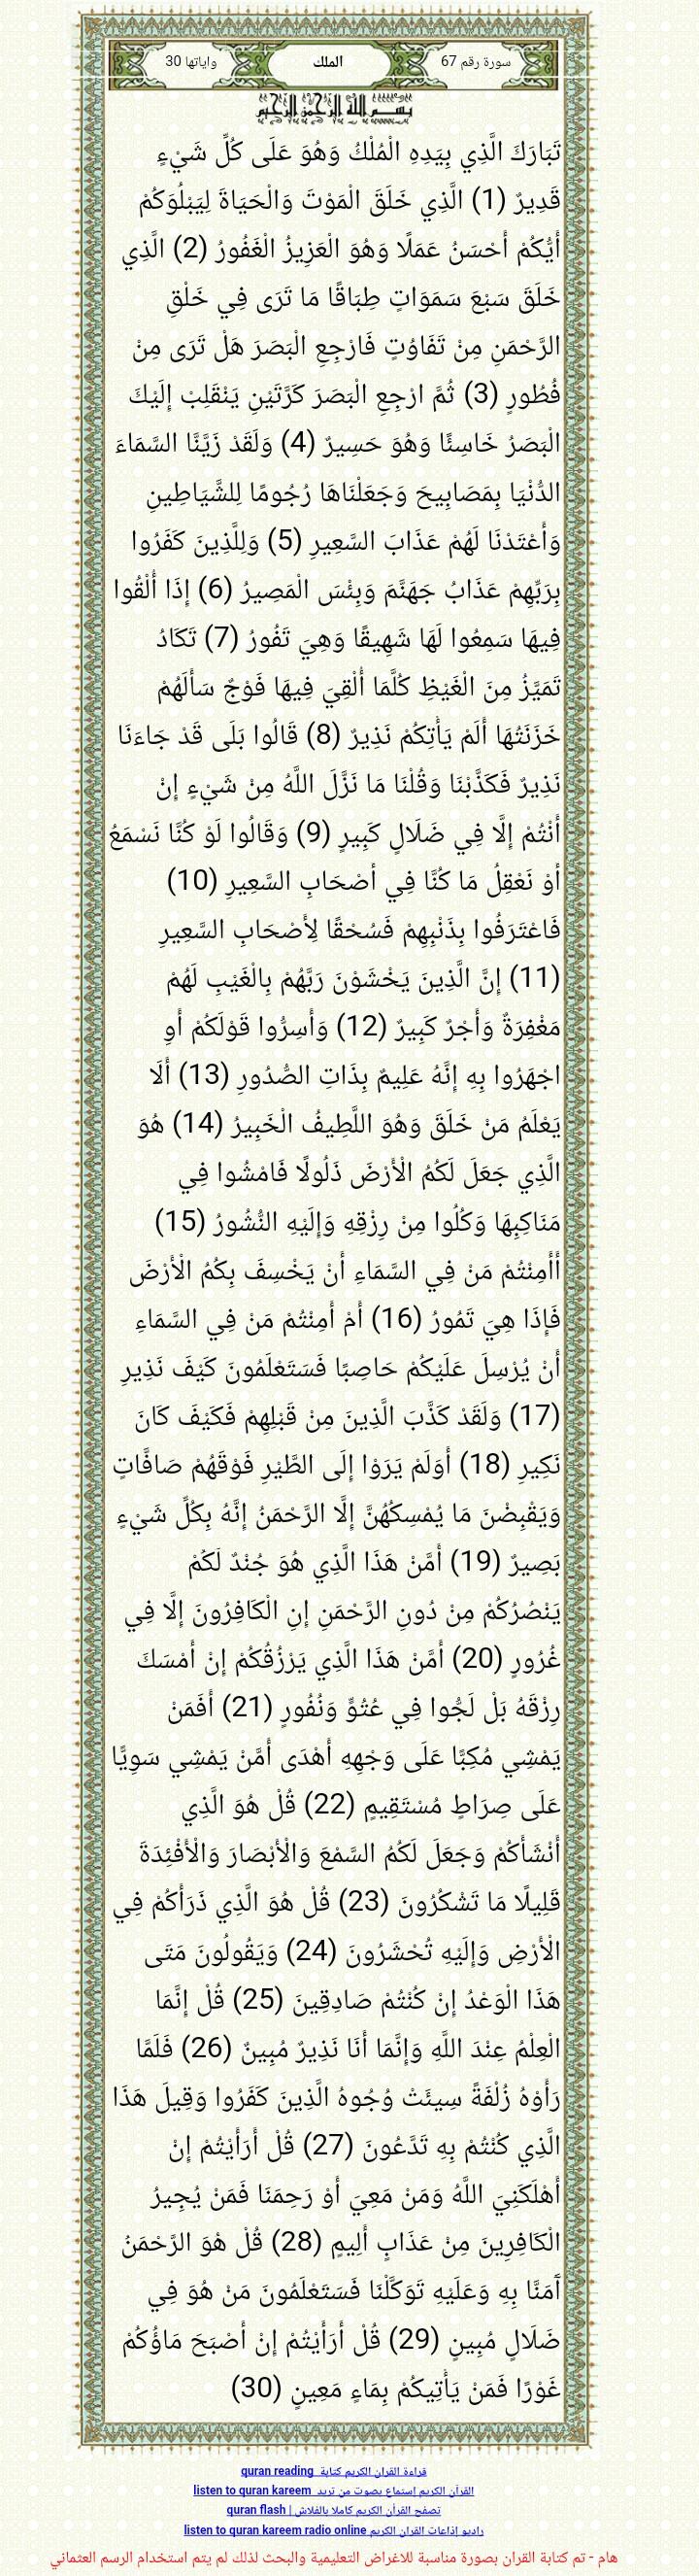 سورة الملك كاملة قرآن آيات Quotations Islamic Quotes Bullet Journal